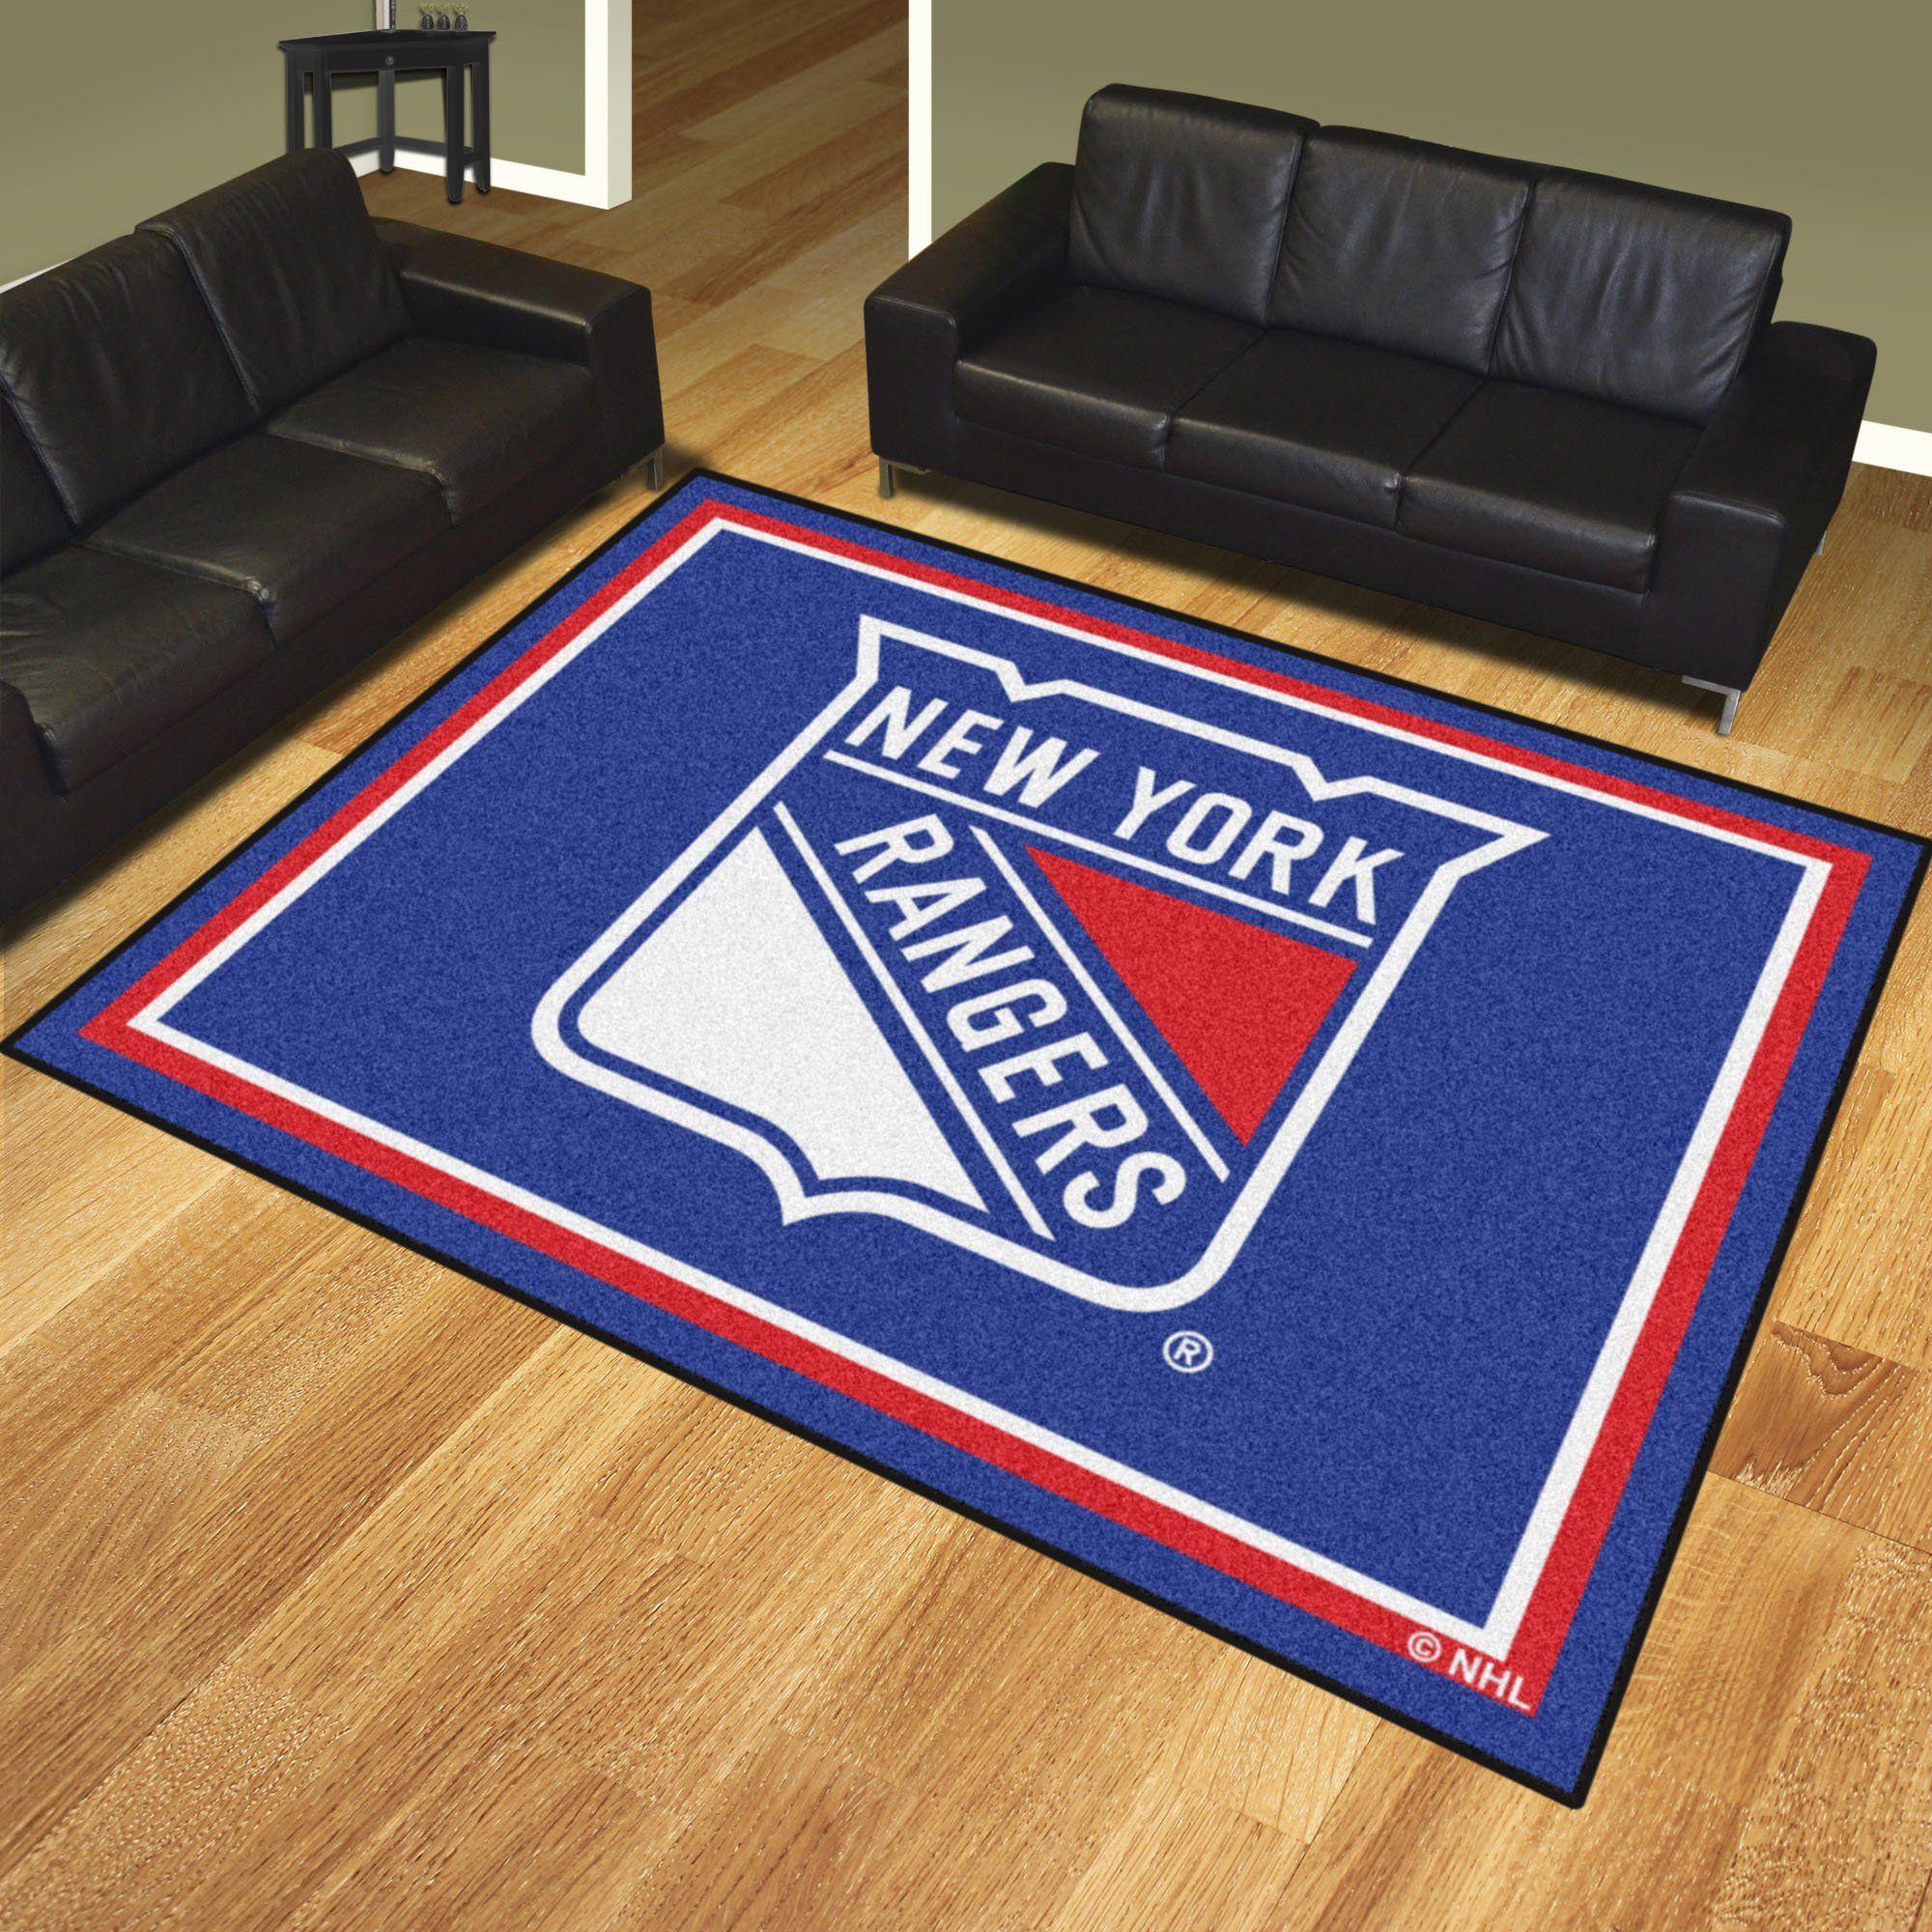 New York Rangers Tailgater Mat